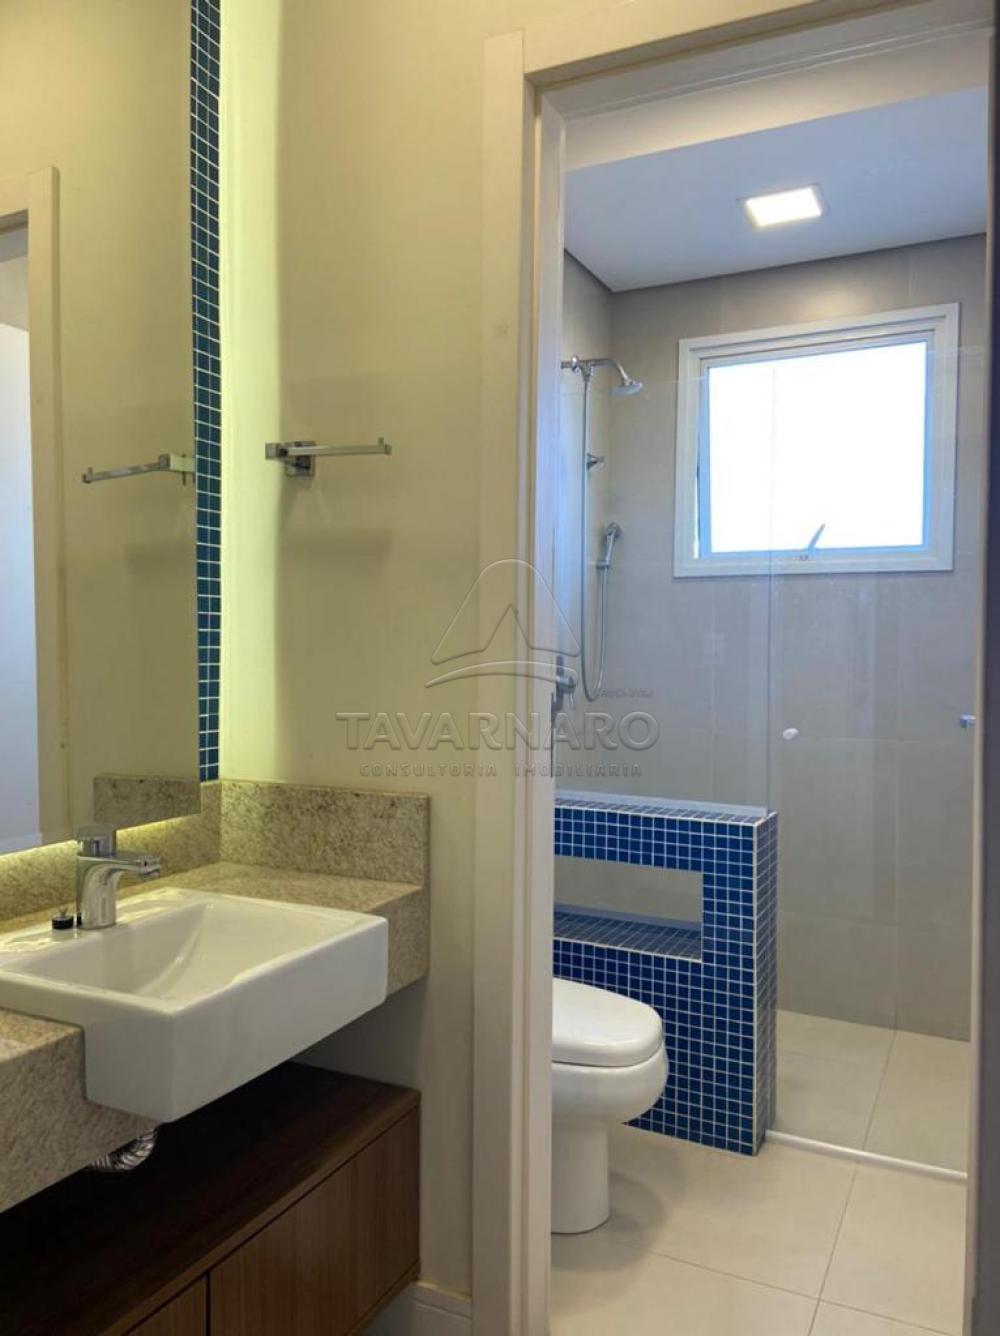 Comprar Casa / Condomínio em Ponta Grossa R$ 1.750.000,00 - Foto 27